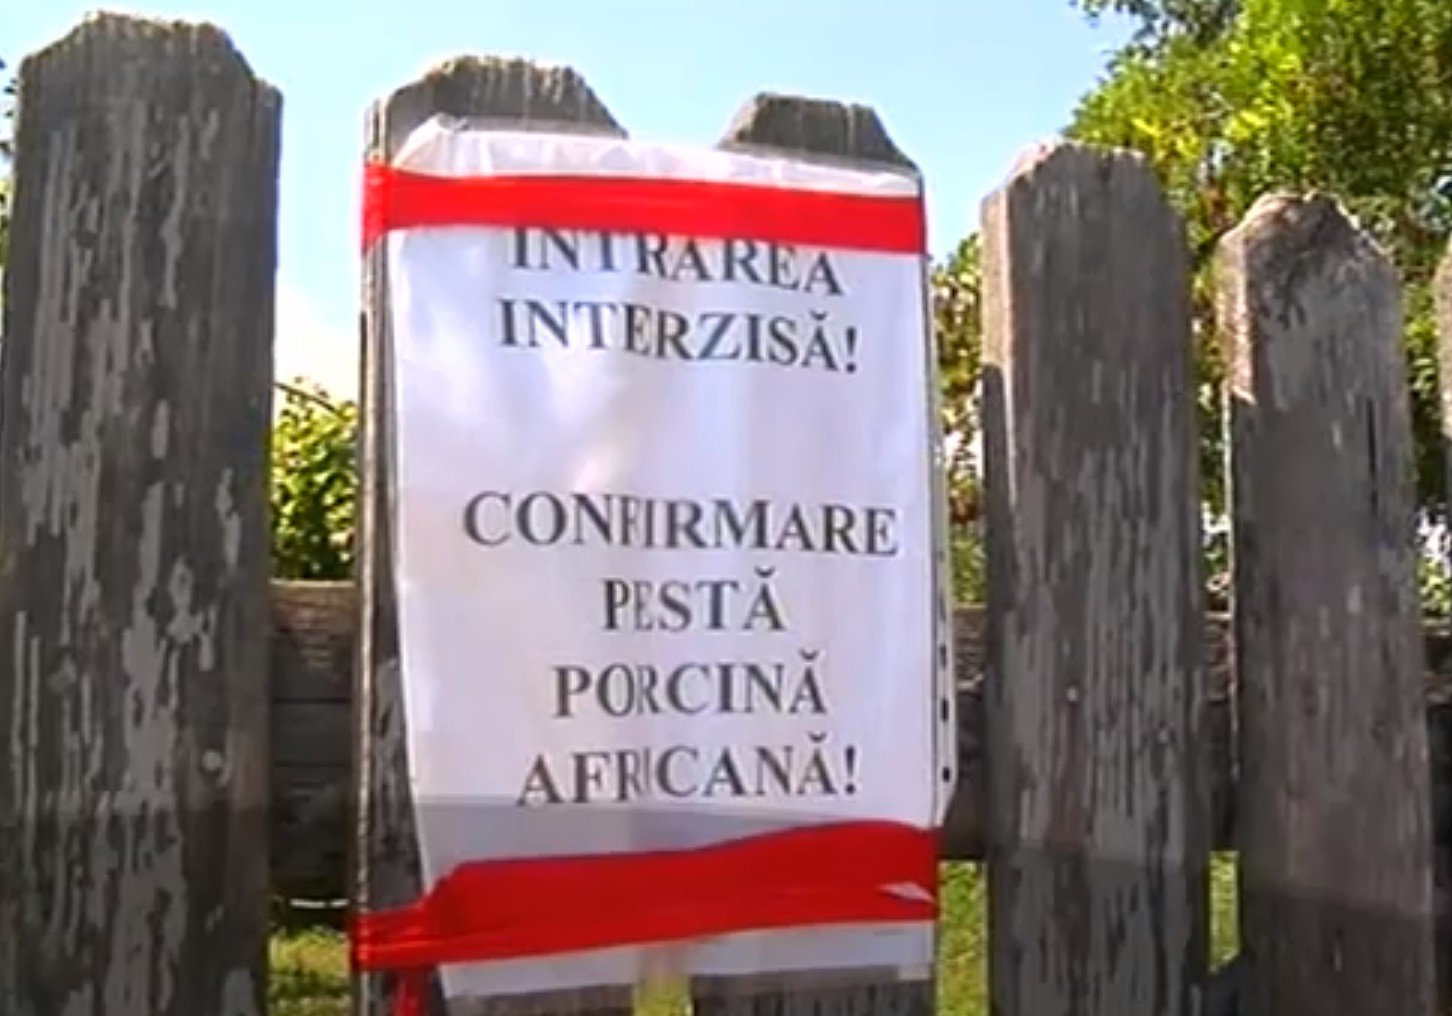 Pesta porcină africană - Dambovita